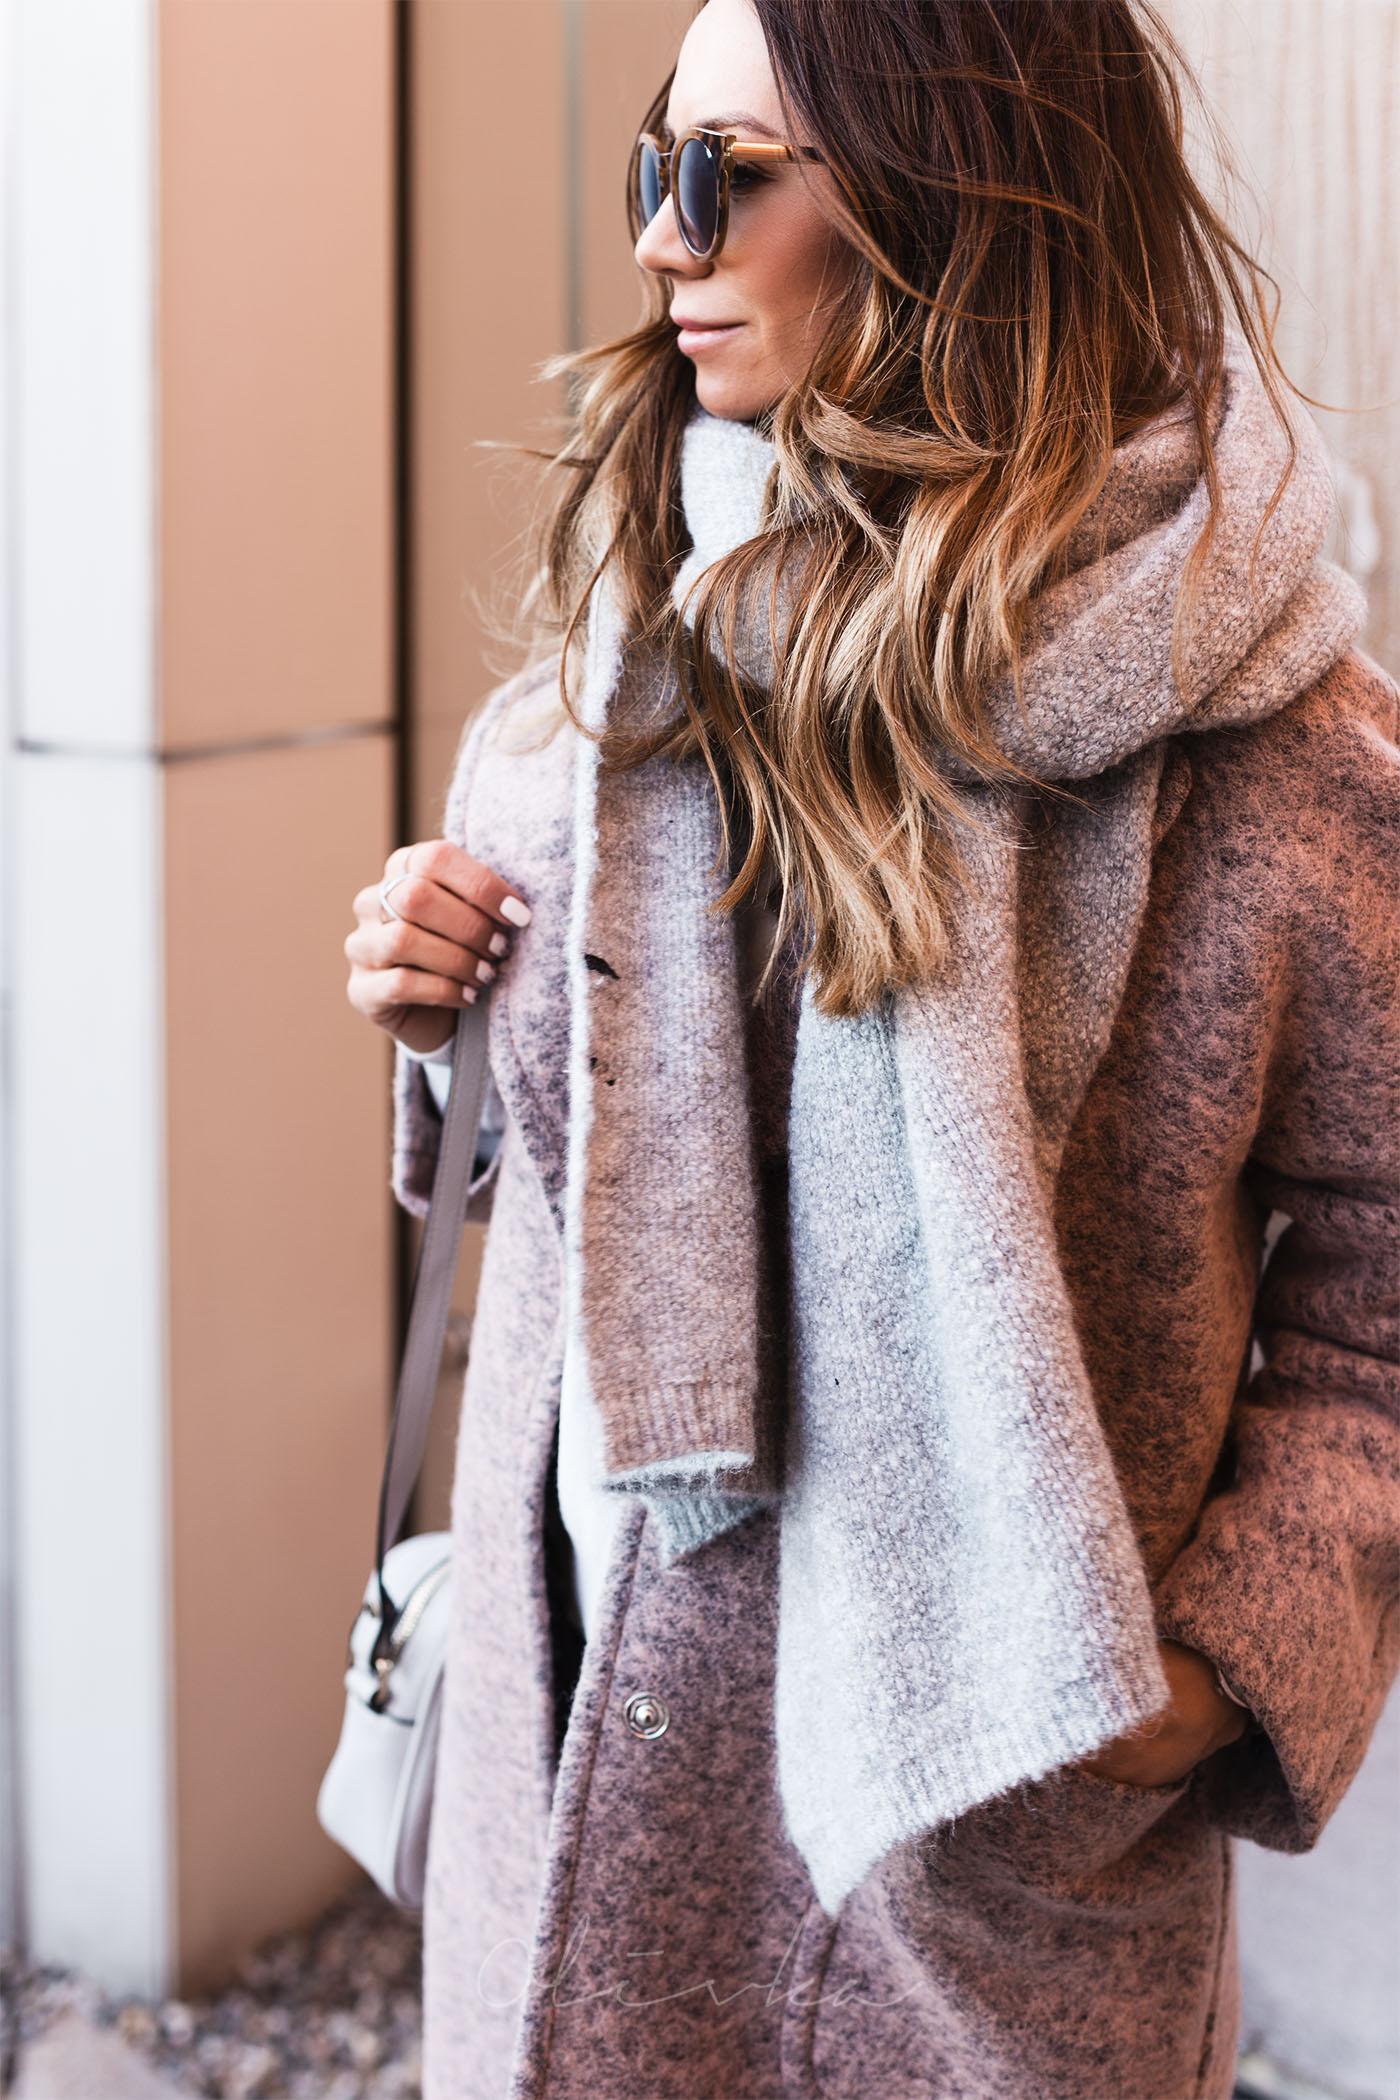 Płaszcz wełniany, płaszcz aggi, olivka blog, modna mama, szal zara